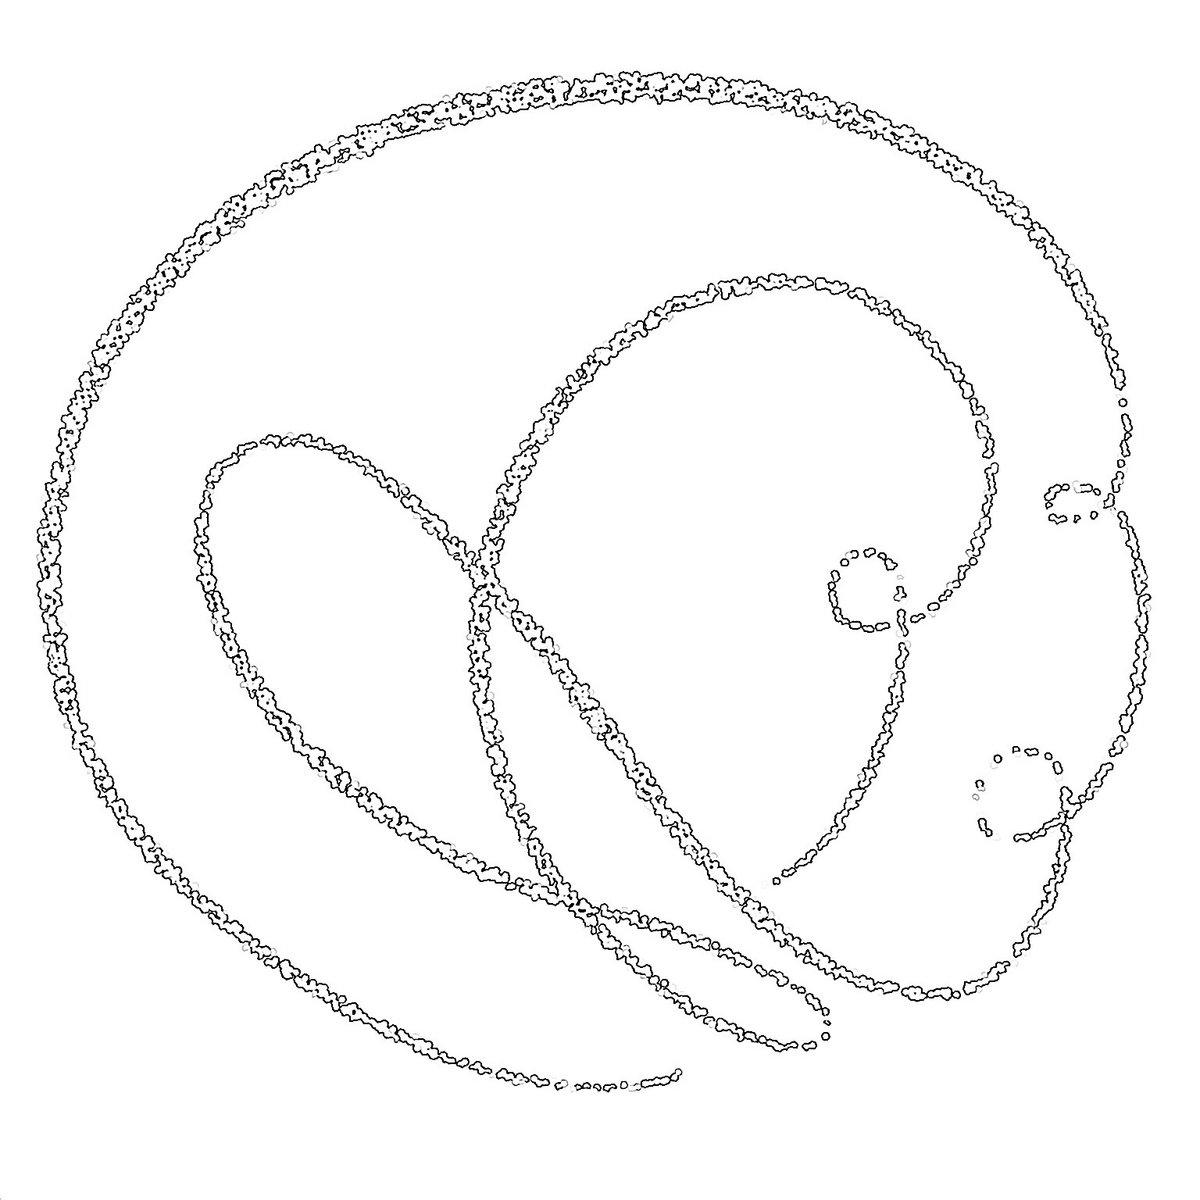 PRES Sample Pack – #LoopAtHome, 2020 by Curioustín